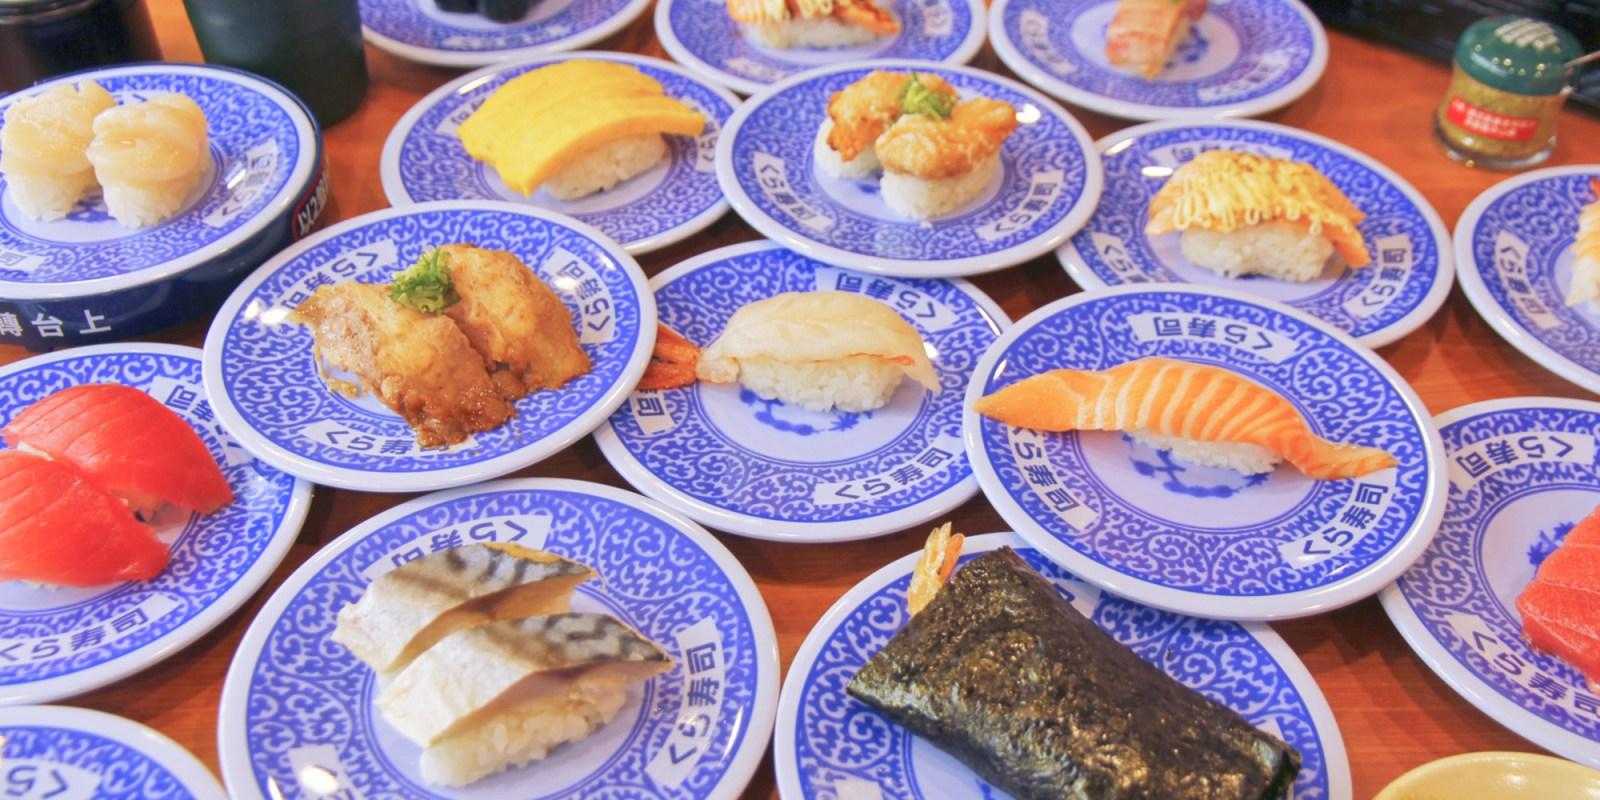 「藏壽司台南 FOCUS 店」開賣啦!日本人氣迴轉壽司-點餐攻略、訂位指南搶先看~